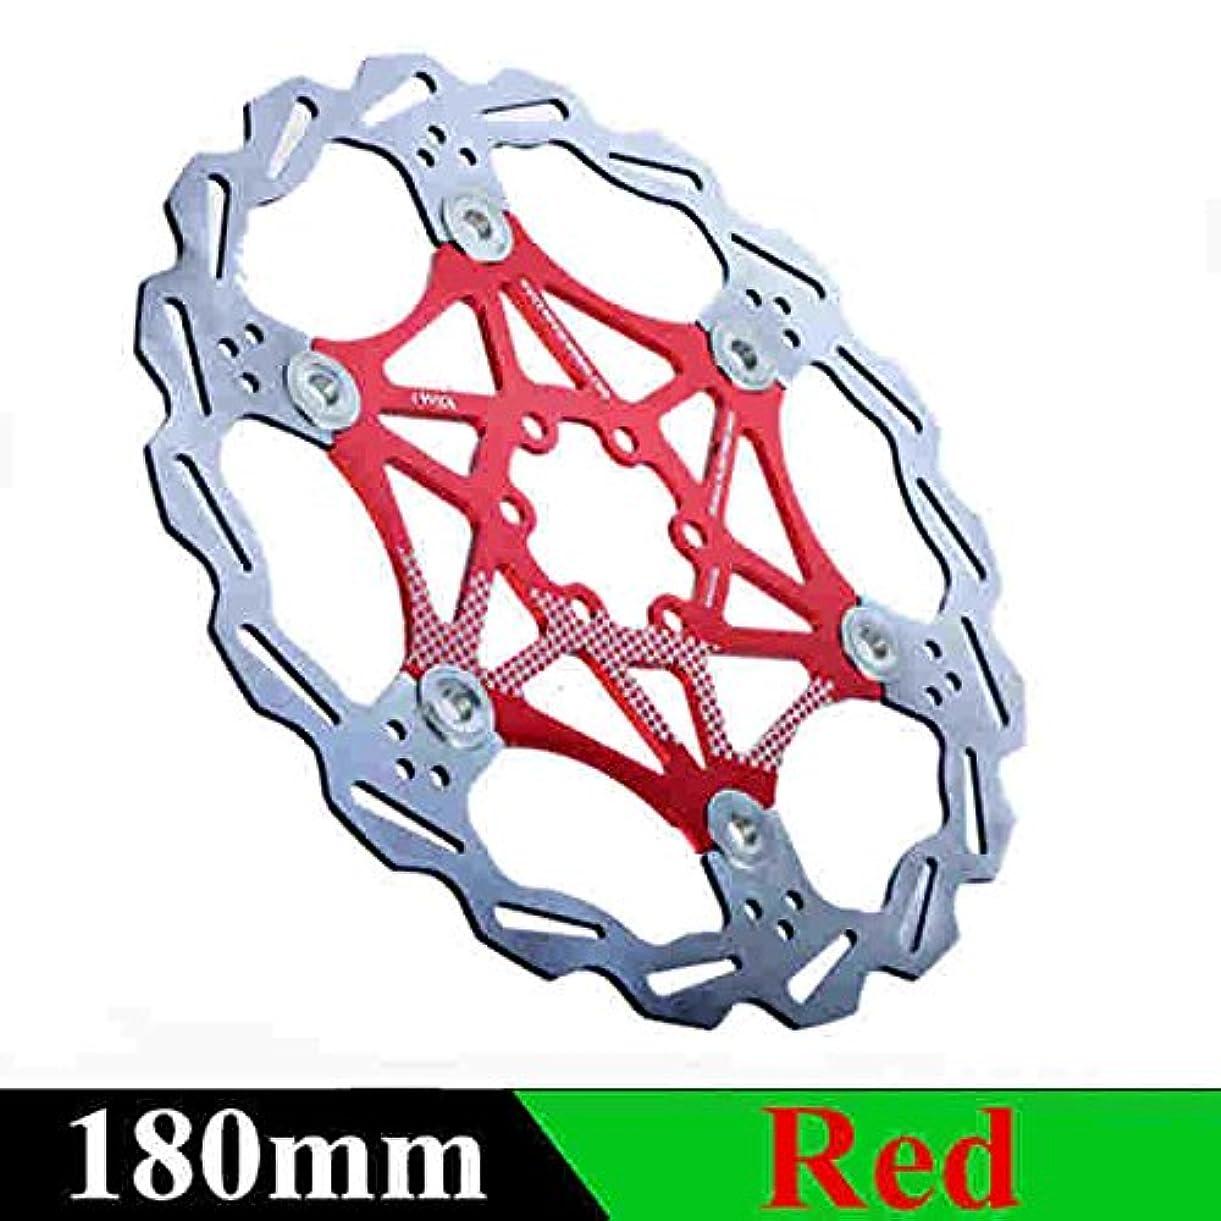 修正比喩リルPropenary - 自転車ディスクブレーキDHブレーキフロートは、ディスクローターをフローティング160ミリメートル/ 180ミリメートル/ 203ミリメートルHydreaulicブレーキパッドフロートローター自転車パーツ[180ミリメートルレッド]